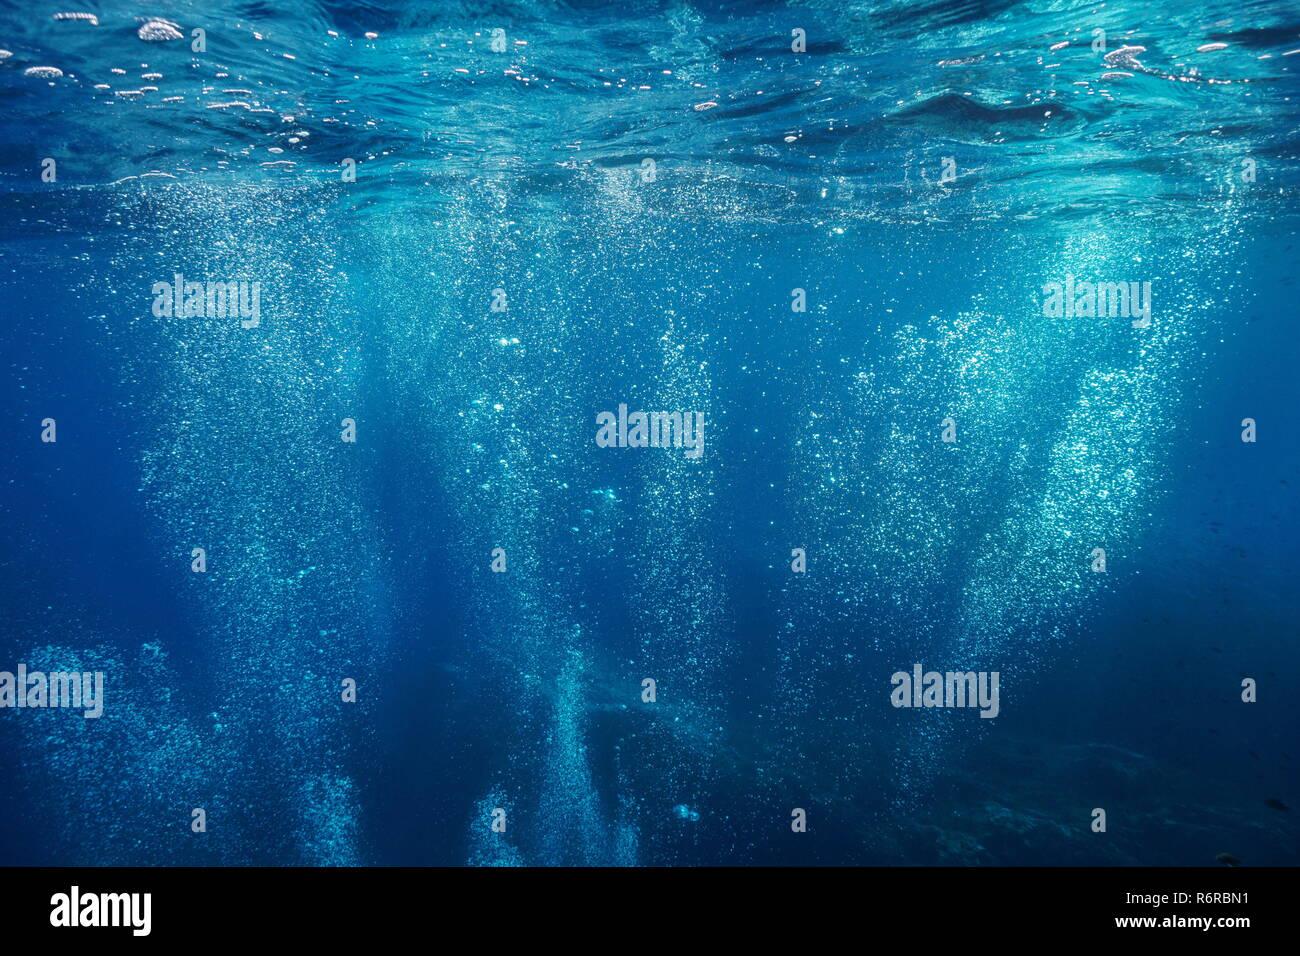 Las burbujas de aire bajo el agua sube a la superficie de agua, escenario natural, el mar Mediterráneo, Francia Imagen De Stock